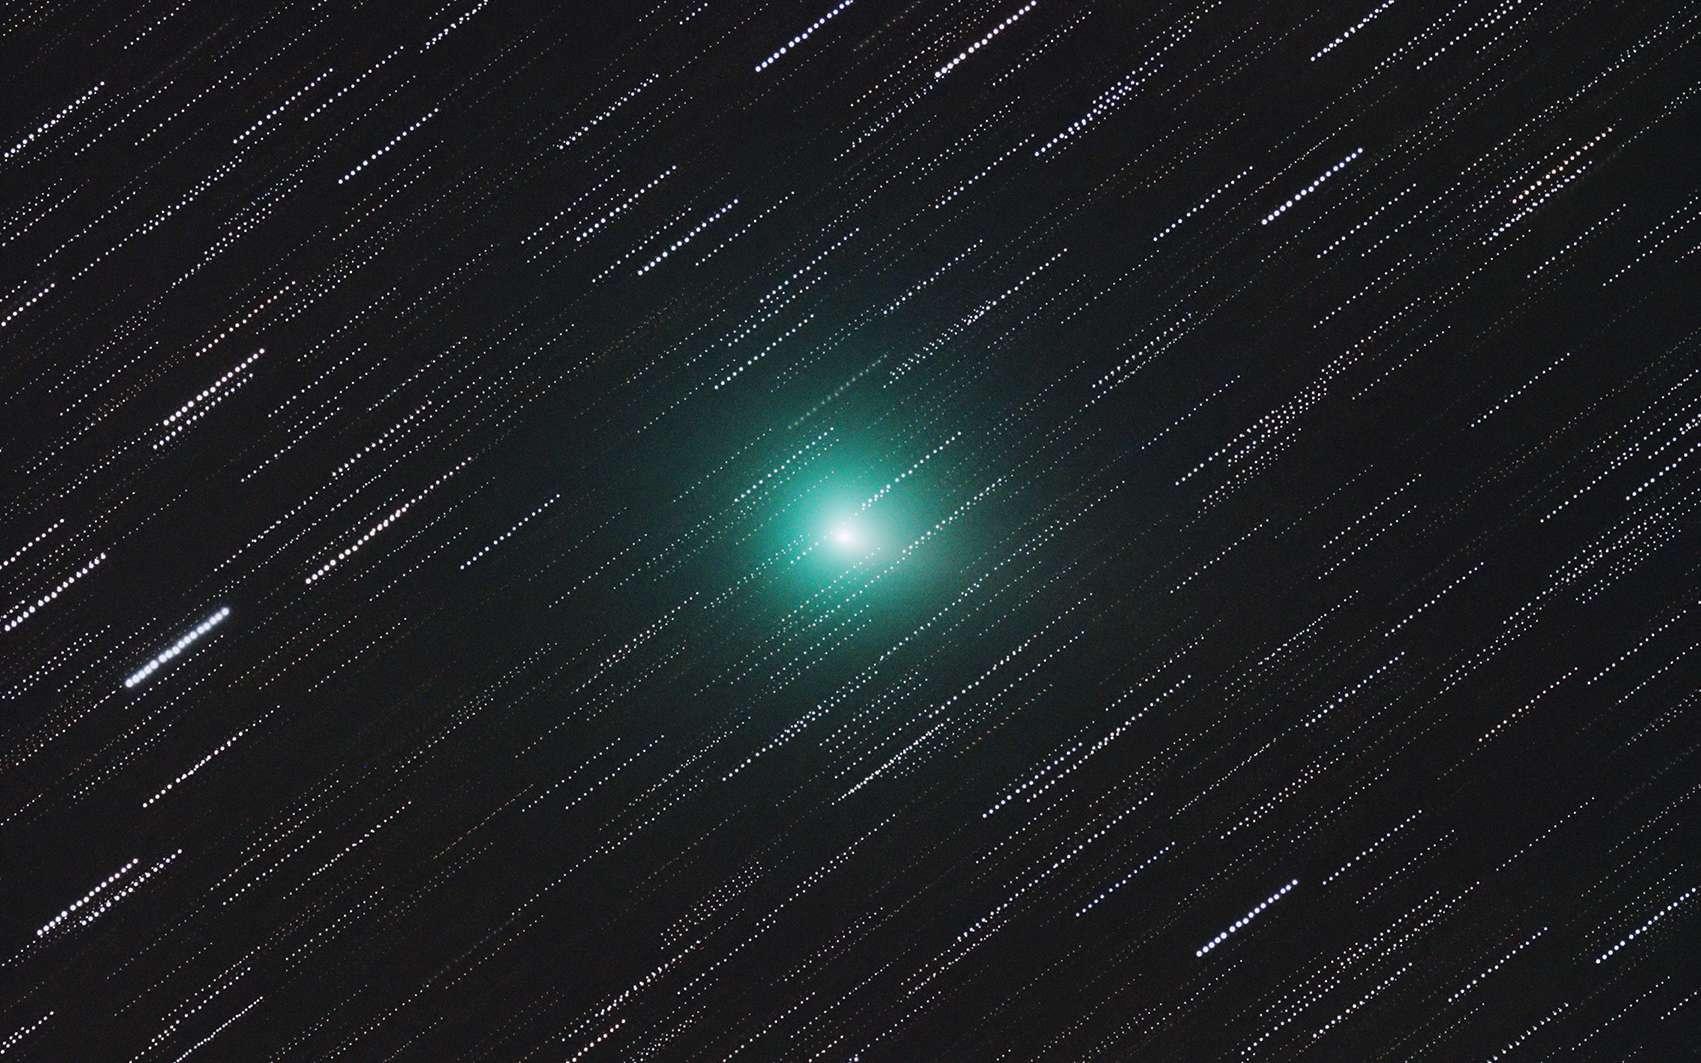 La comète 41P/Tuttle-Giacobini–Kresak photographiée le 27 mars 2017 peu avant son passage au plus proche de la Terre. © Gábor Szendrői, Spaceweather